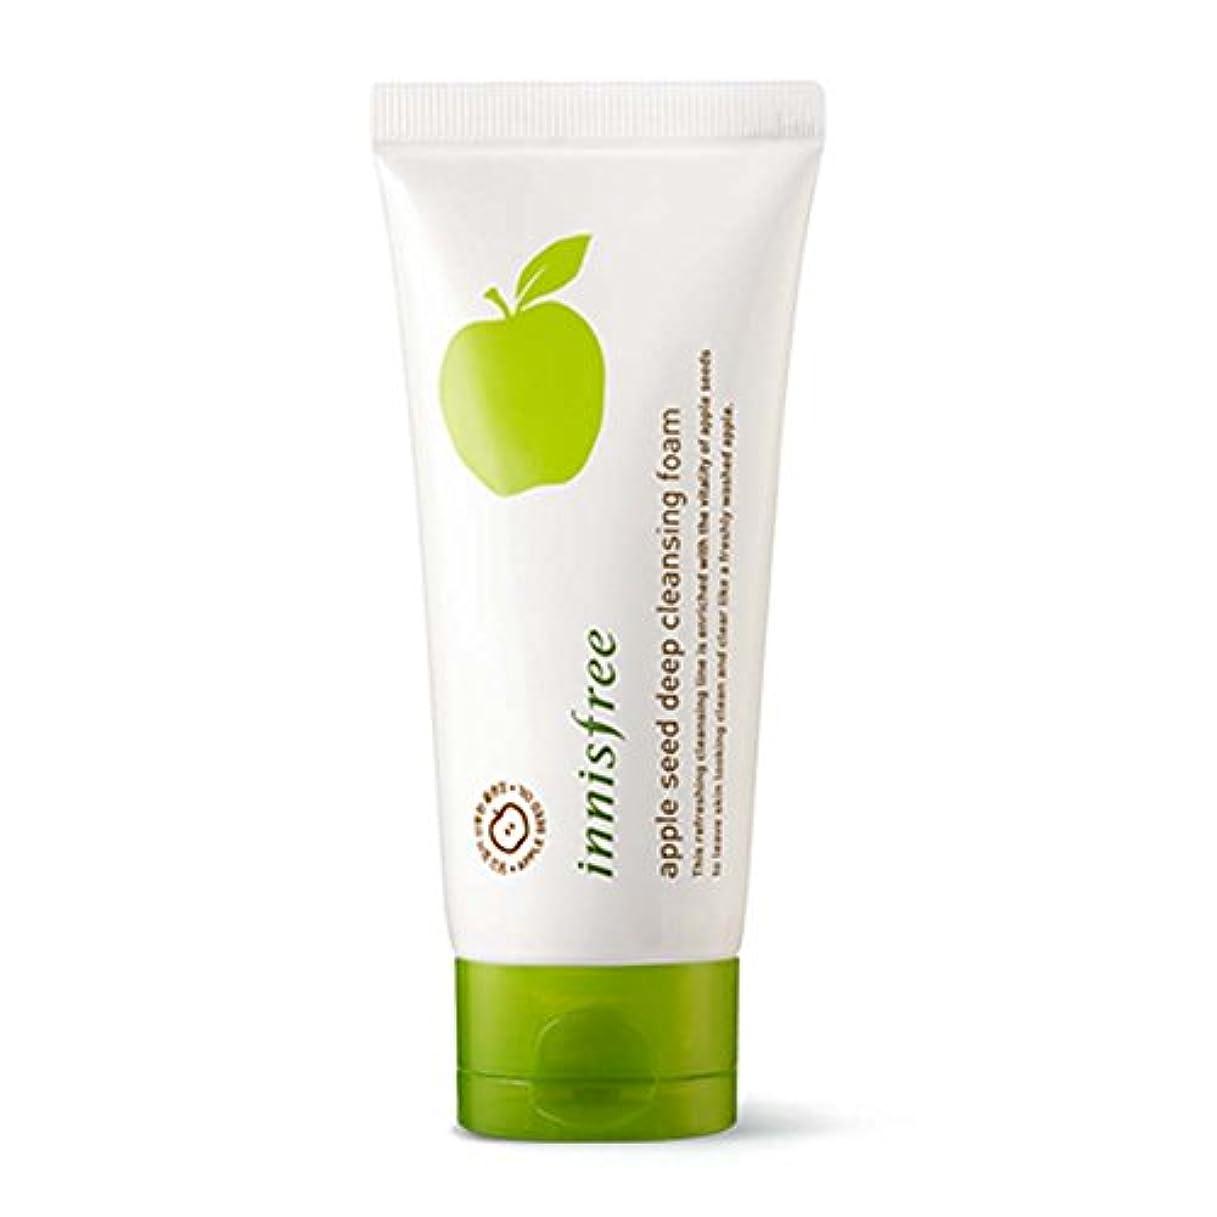 イニスフリーアップルシードディープクレンジングフォーム150ml / Innisfree Apple Seed Deep Cleansing Foam 150ml [海外直送品][並行輸入品]